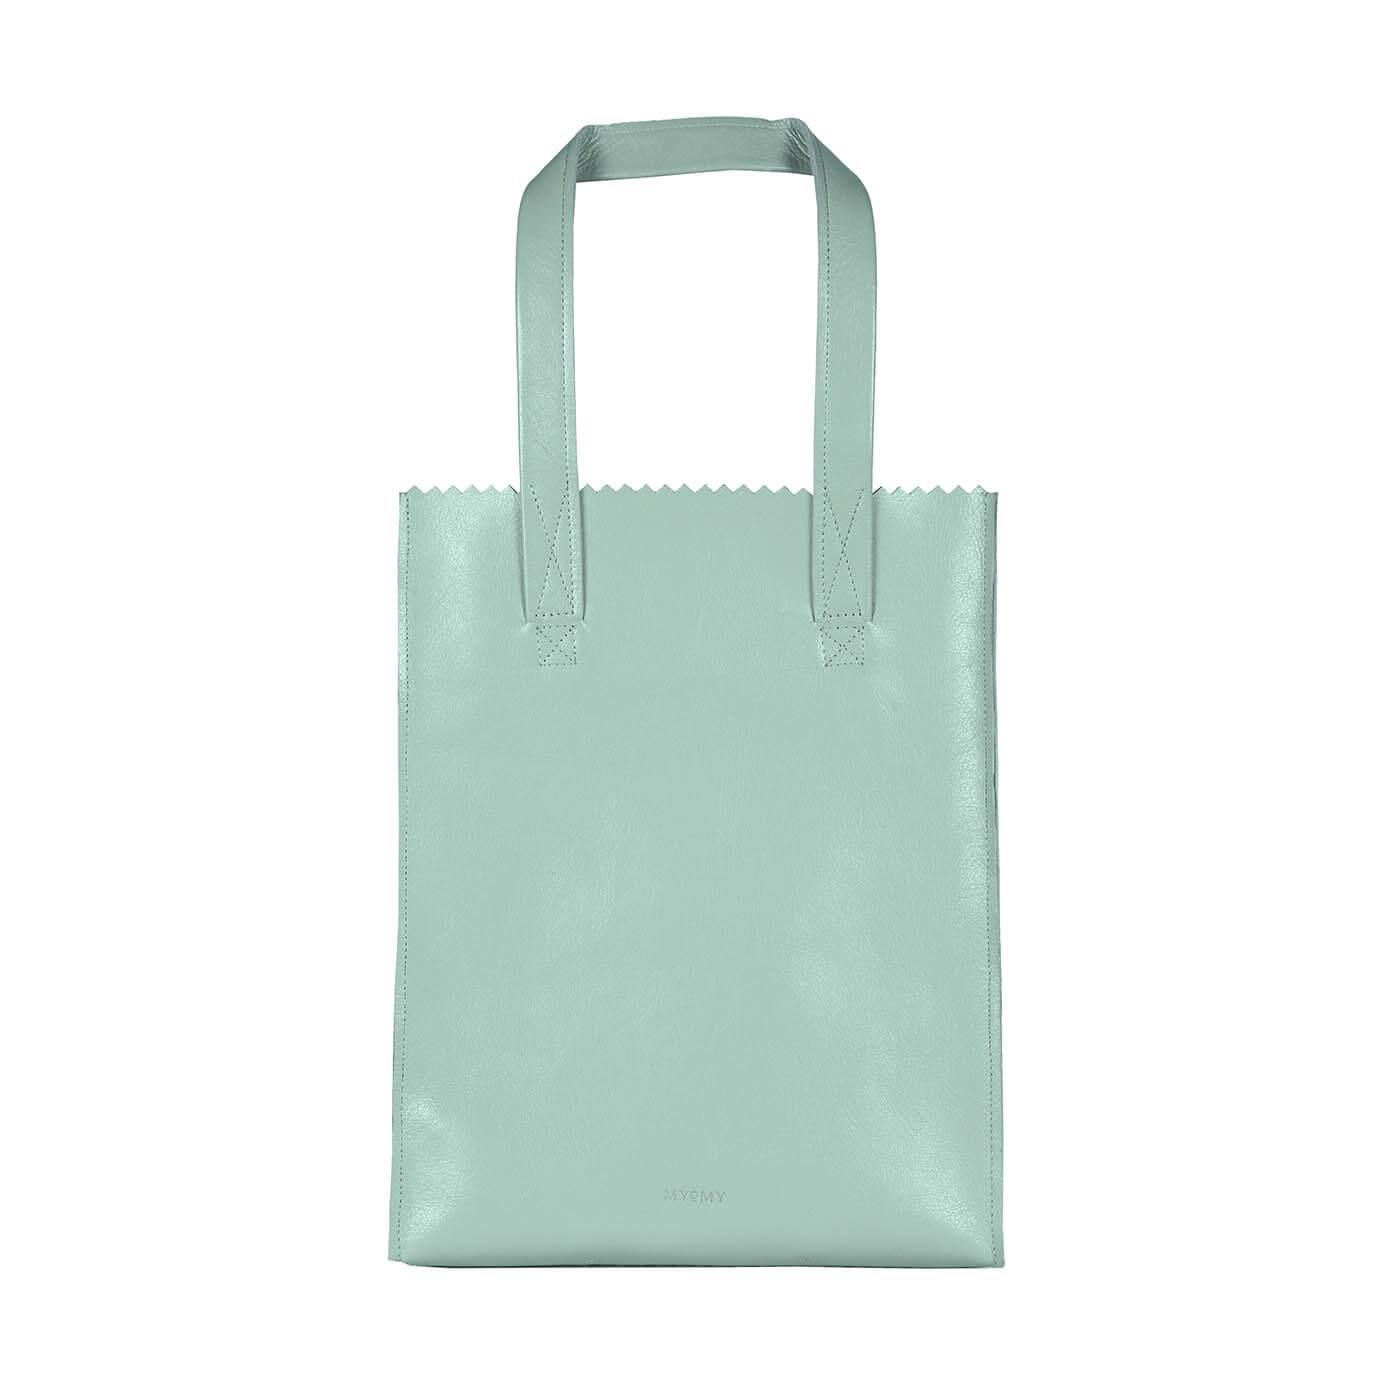 MY PAPER BAG Long handle zip - seville mint